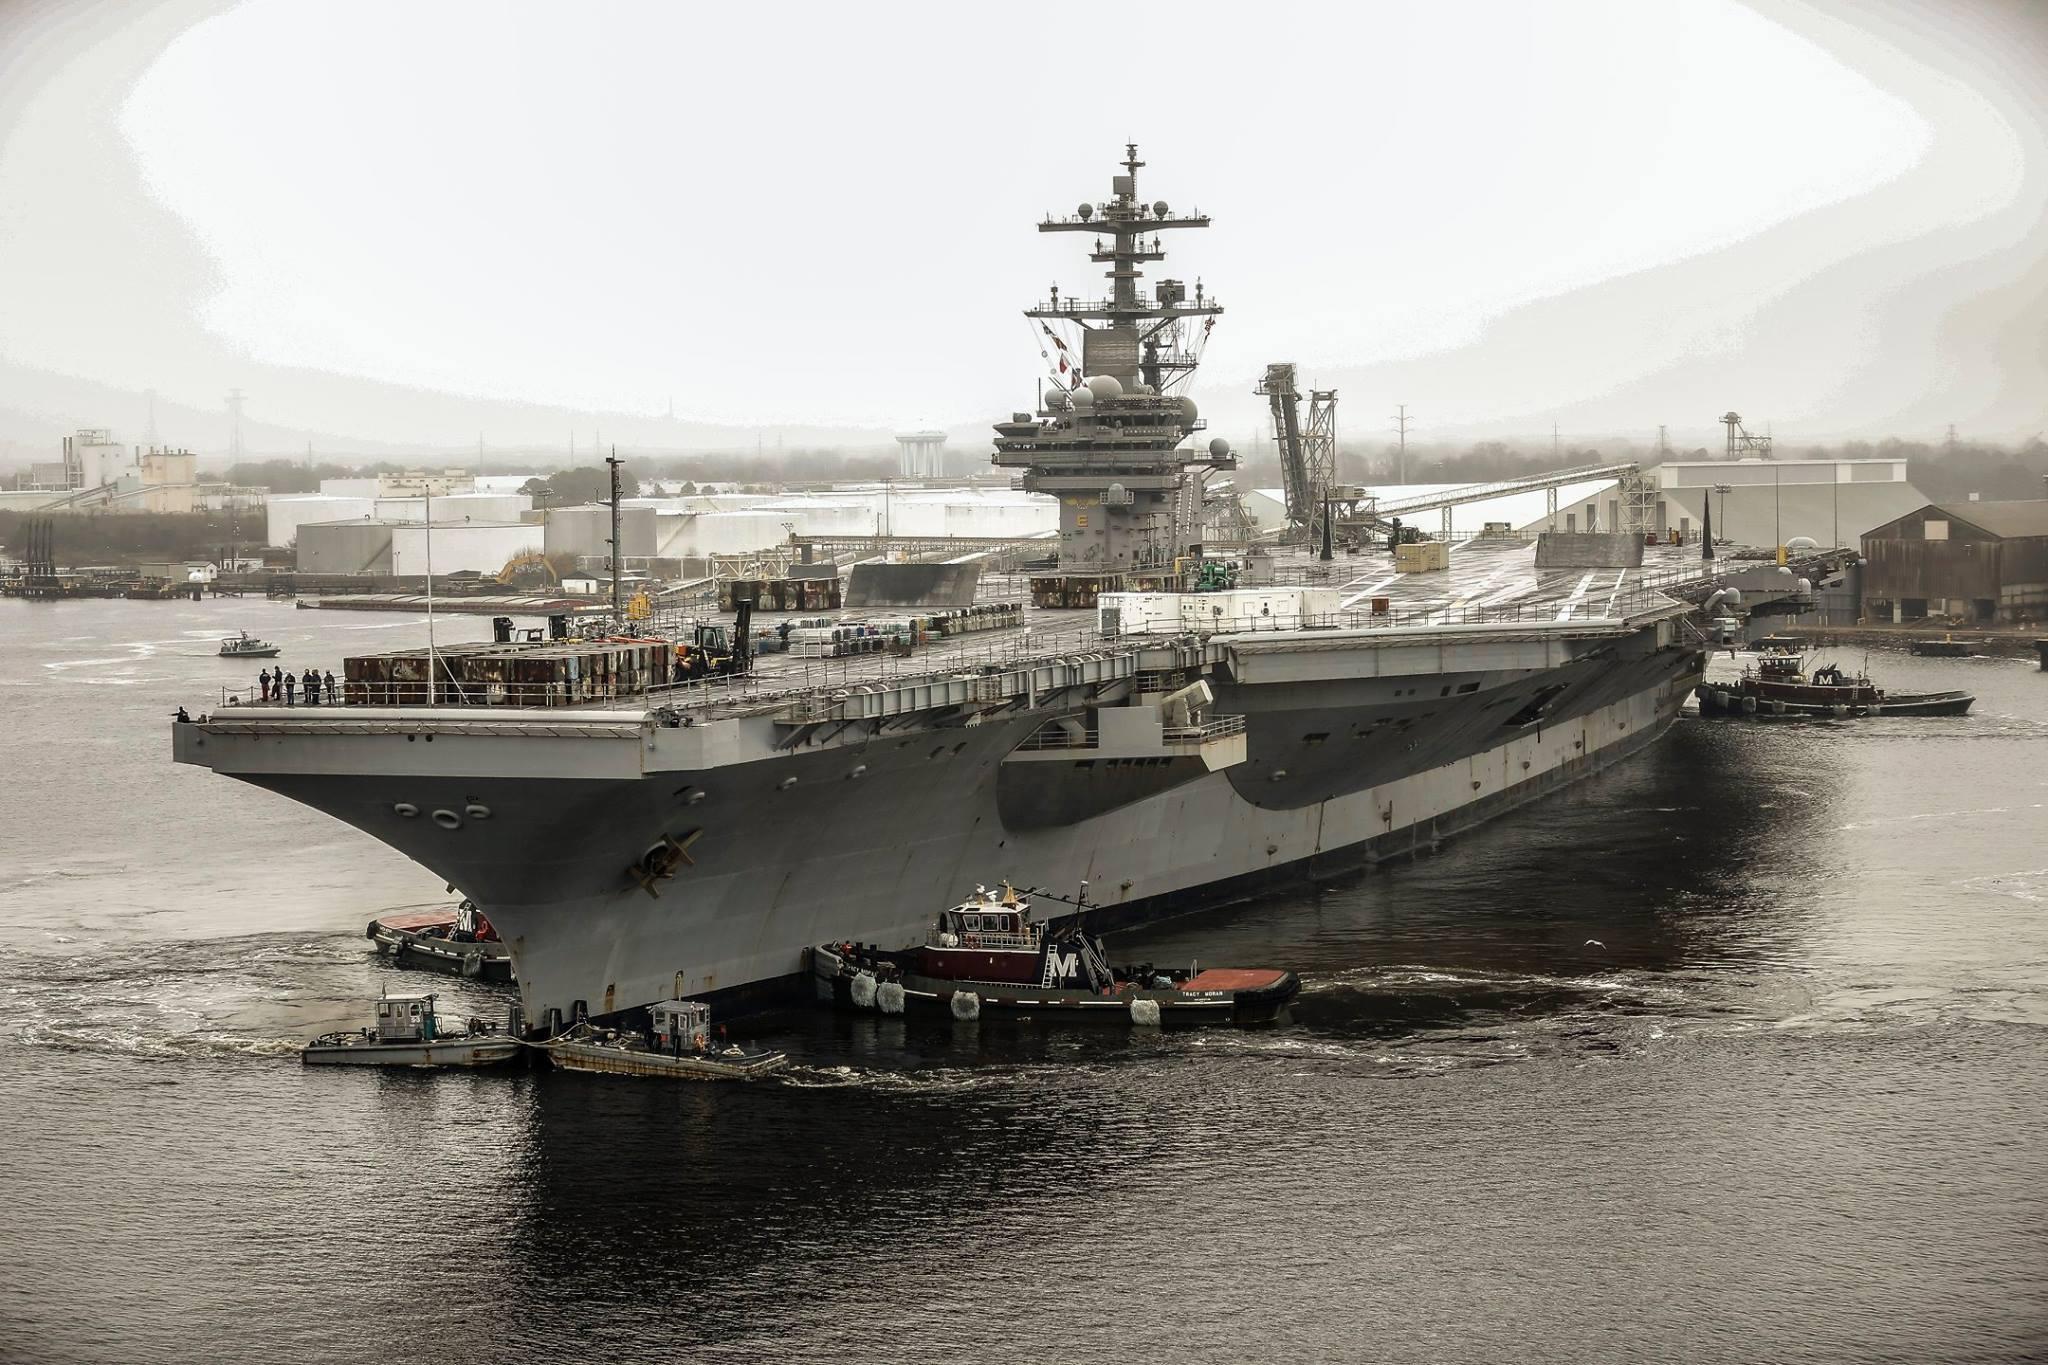 Photos: USS George H.W. Bush drydocking at Norfolk NavalShipyard